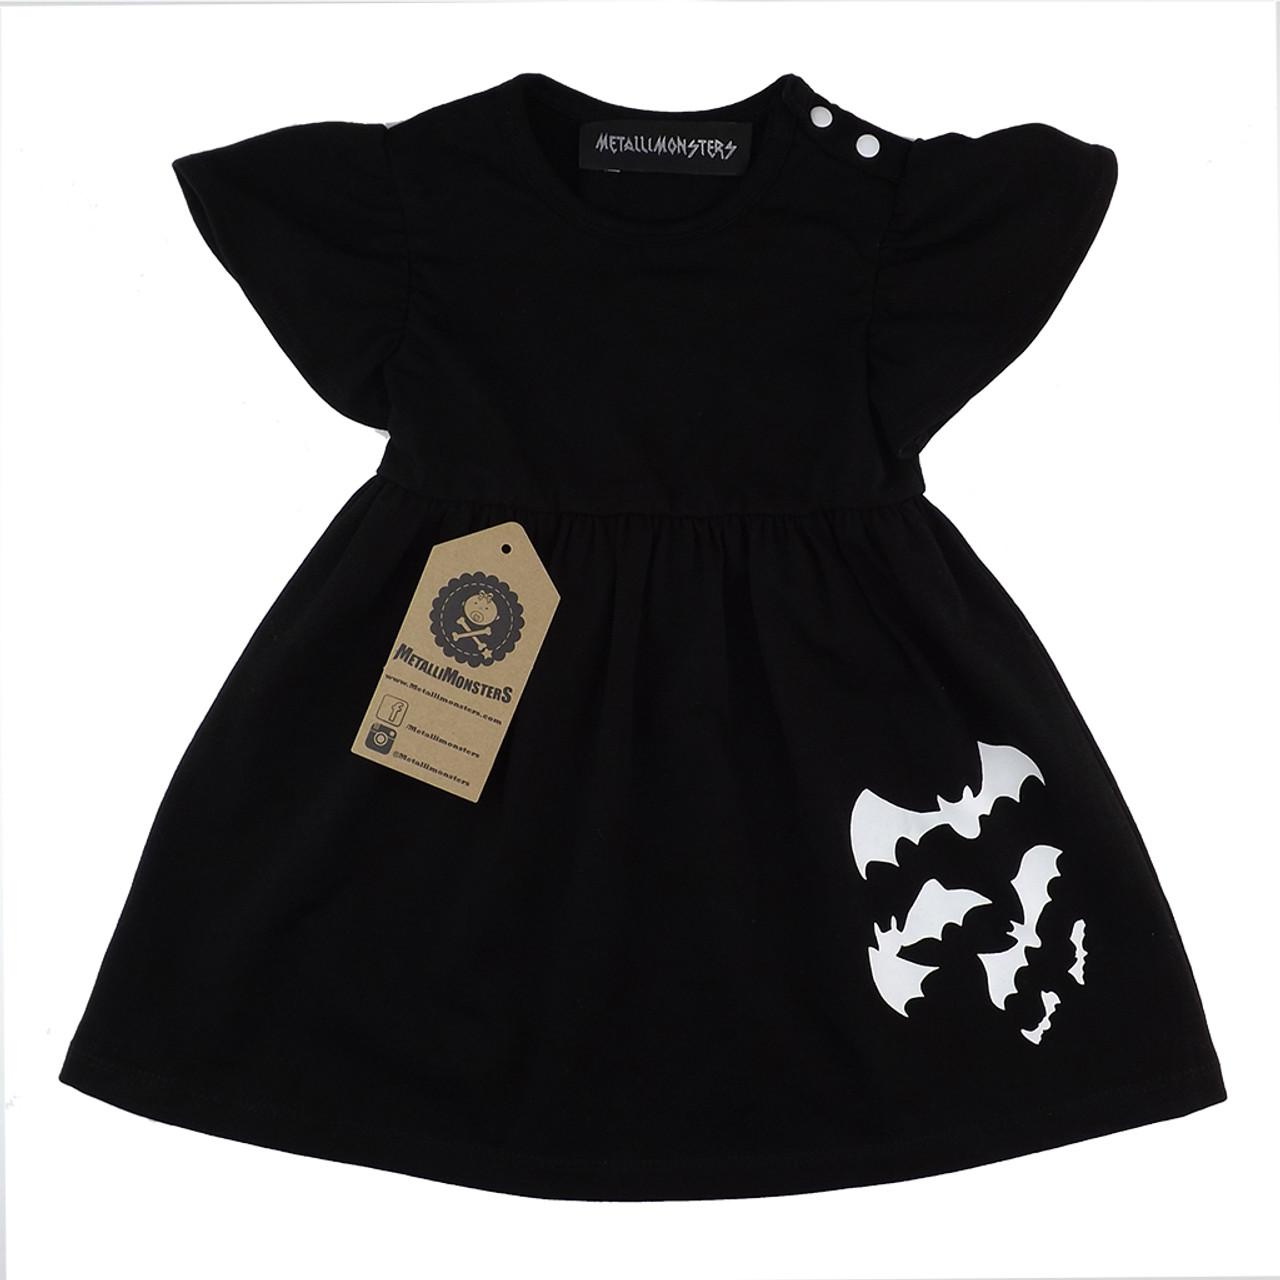 7eb5e62206e9d Bats dress black - Metallimonsters Ltd